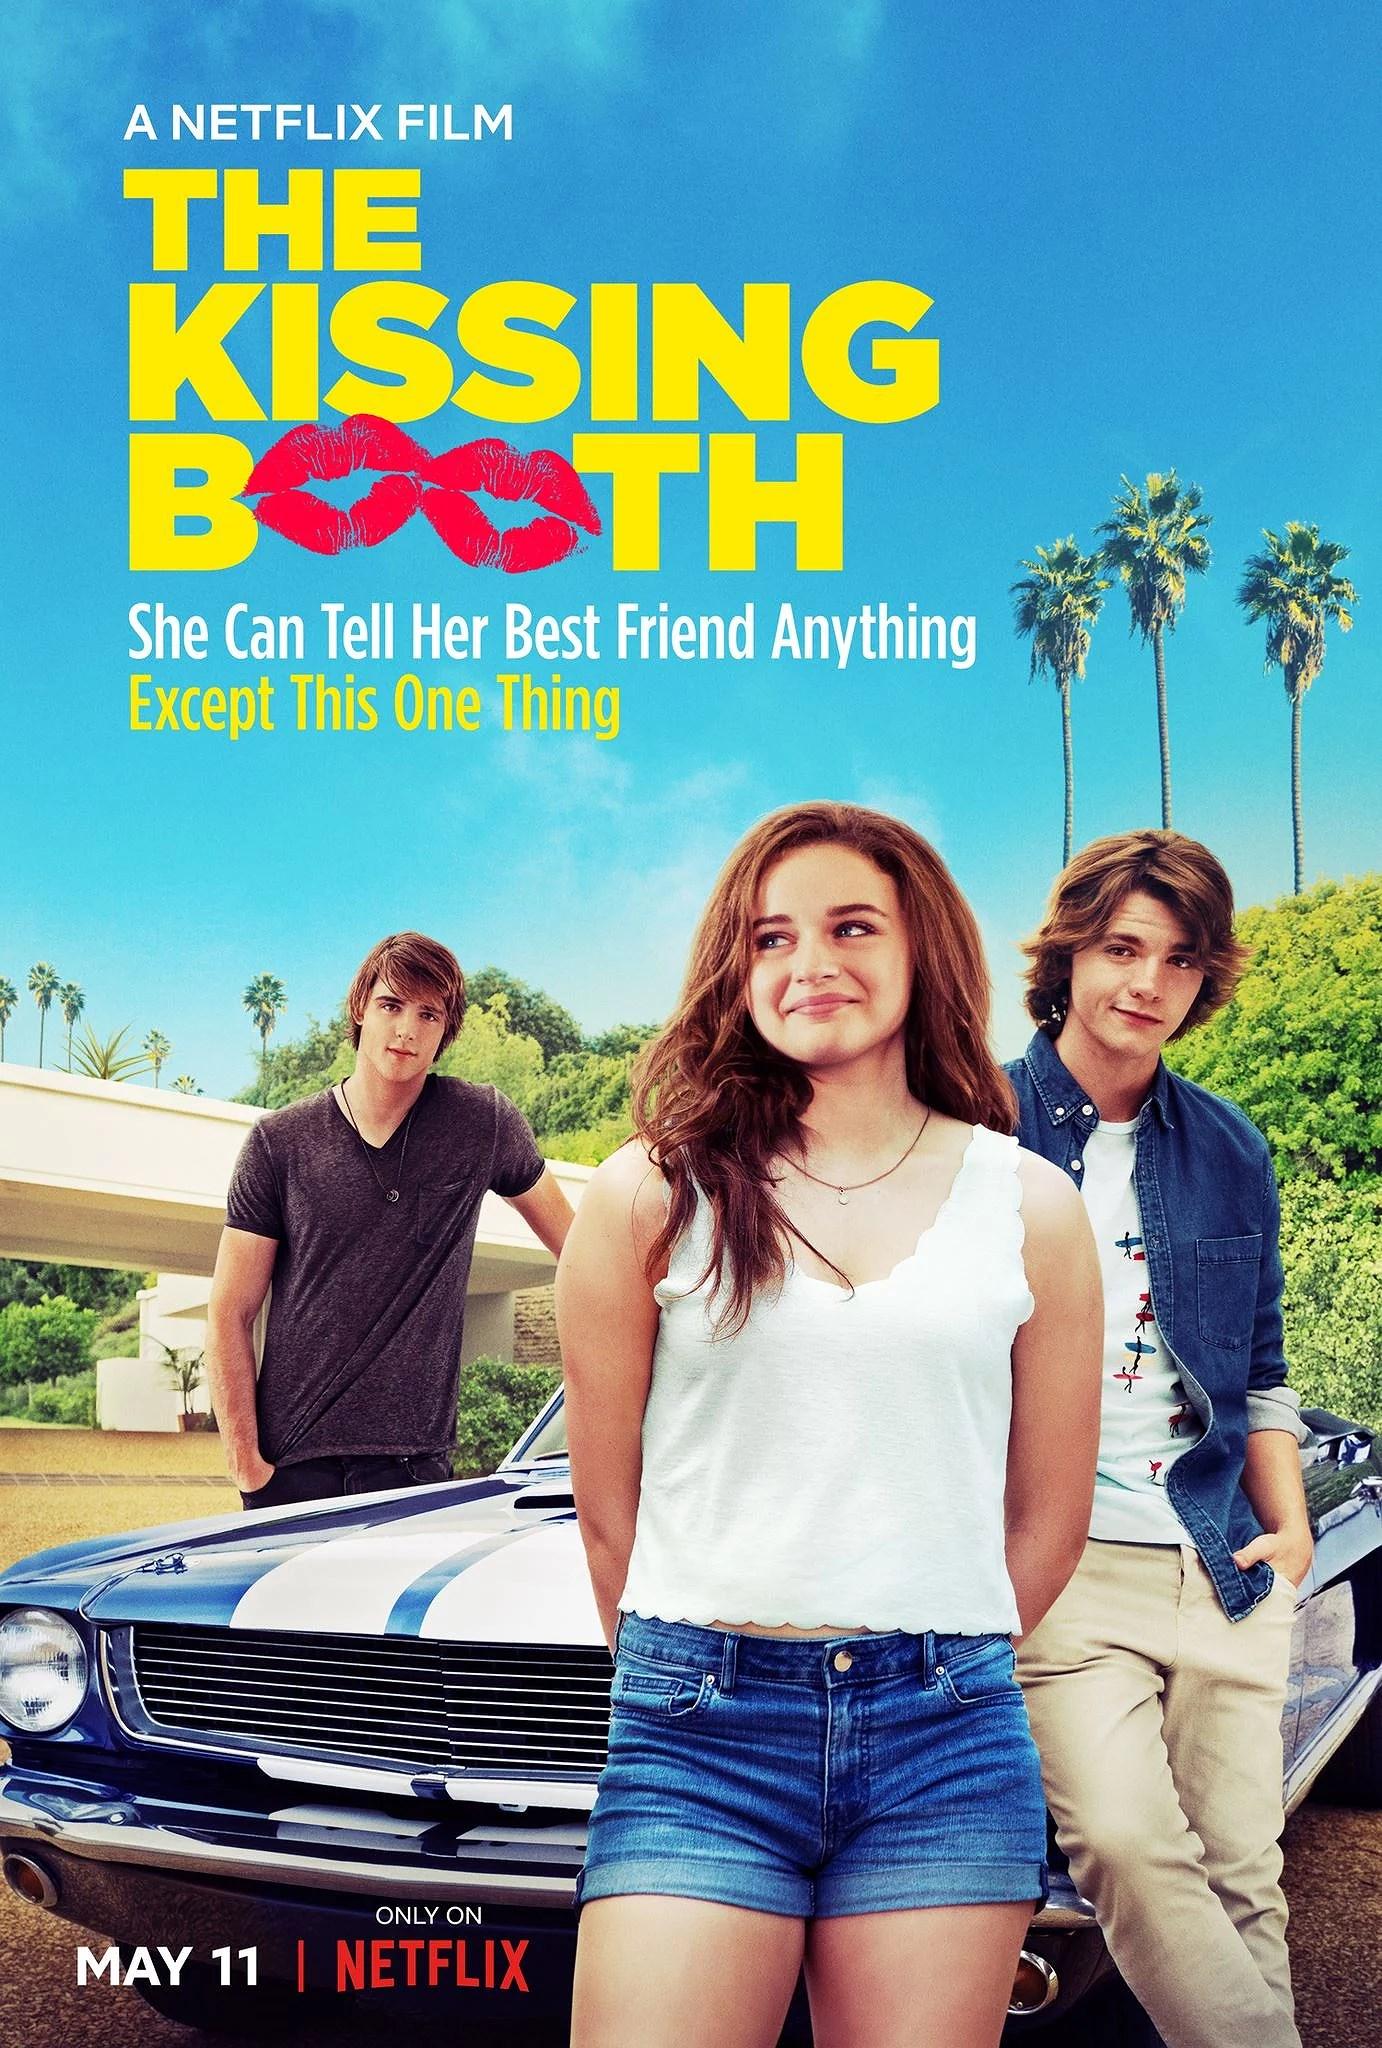 Filmtips till helgen - Teenage romcom's!